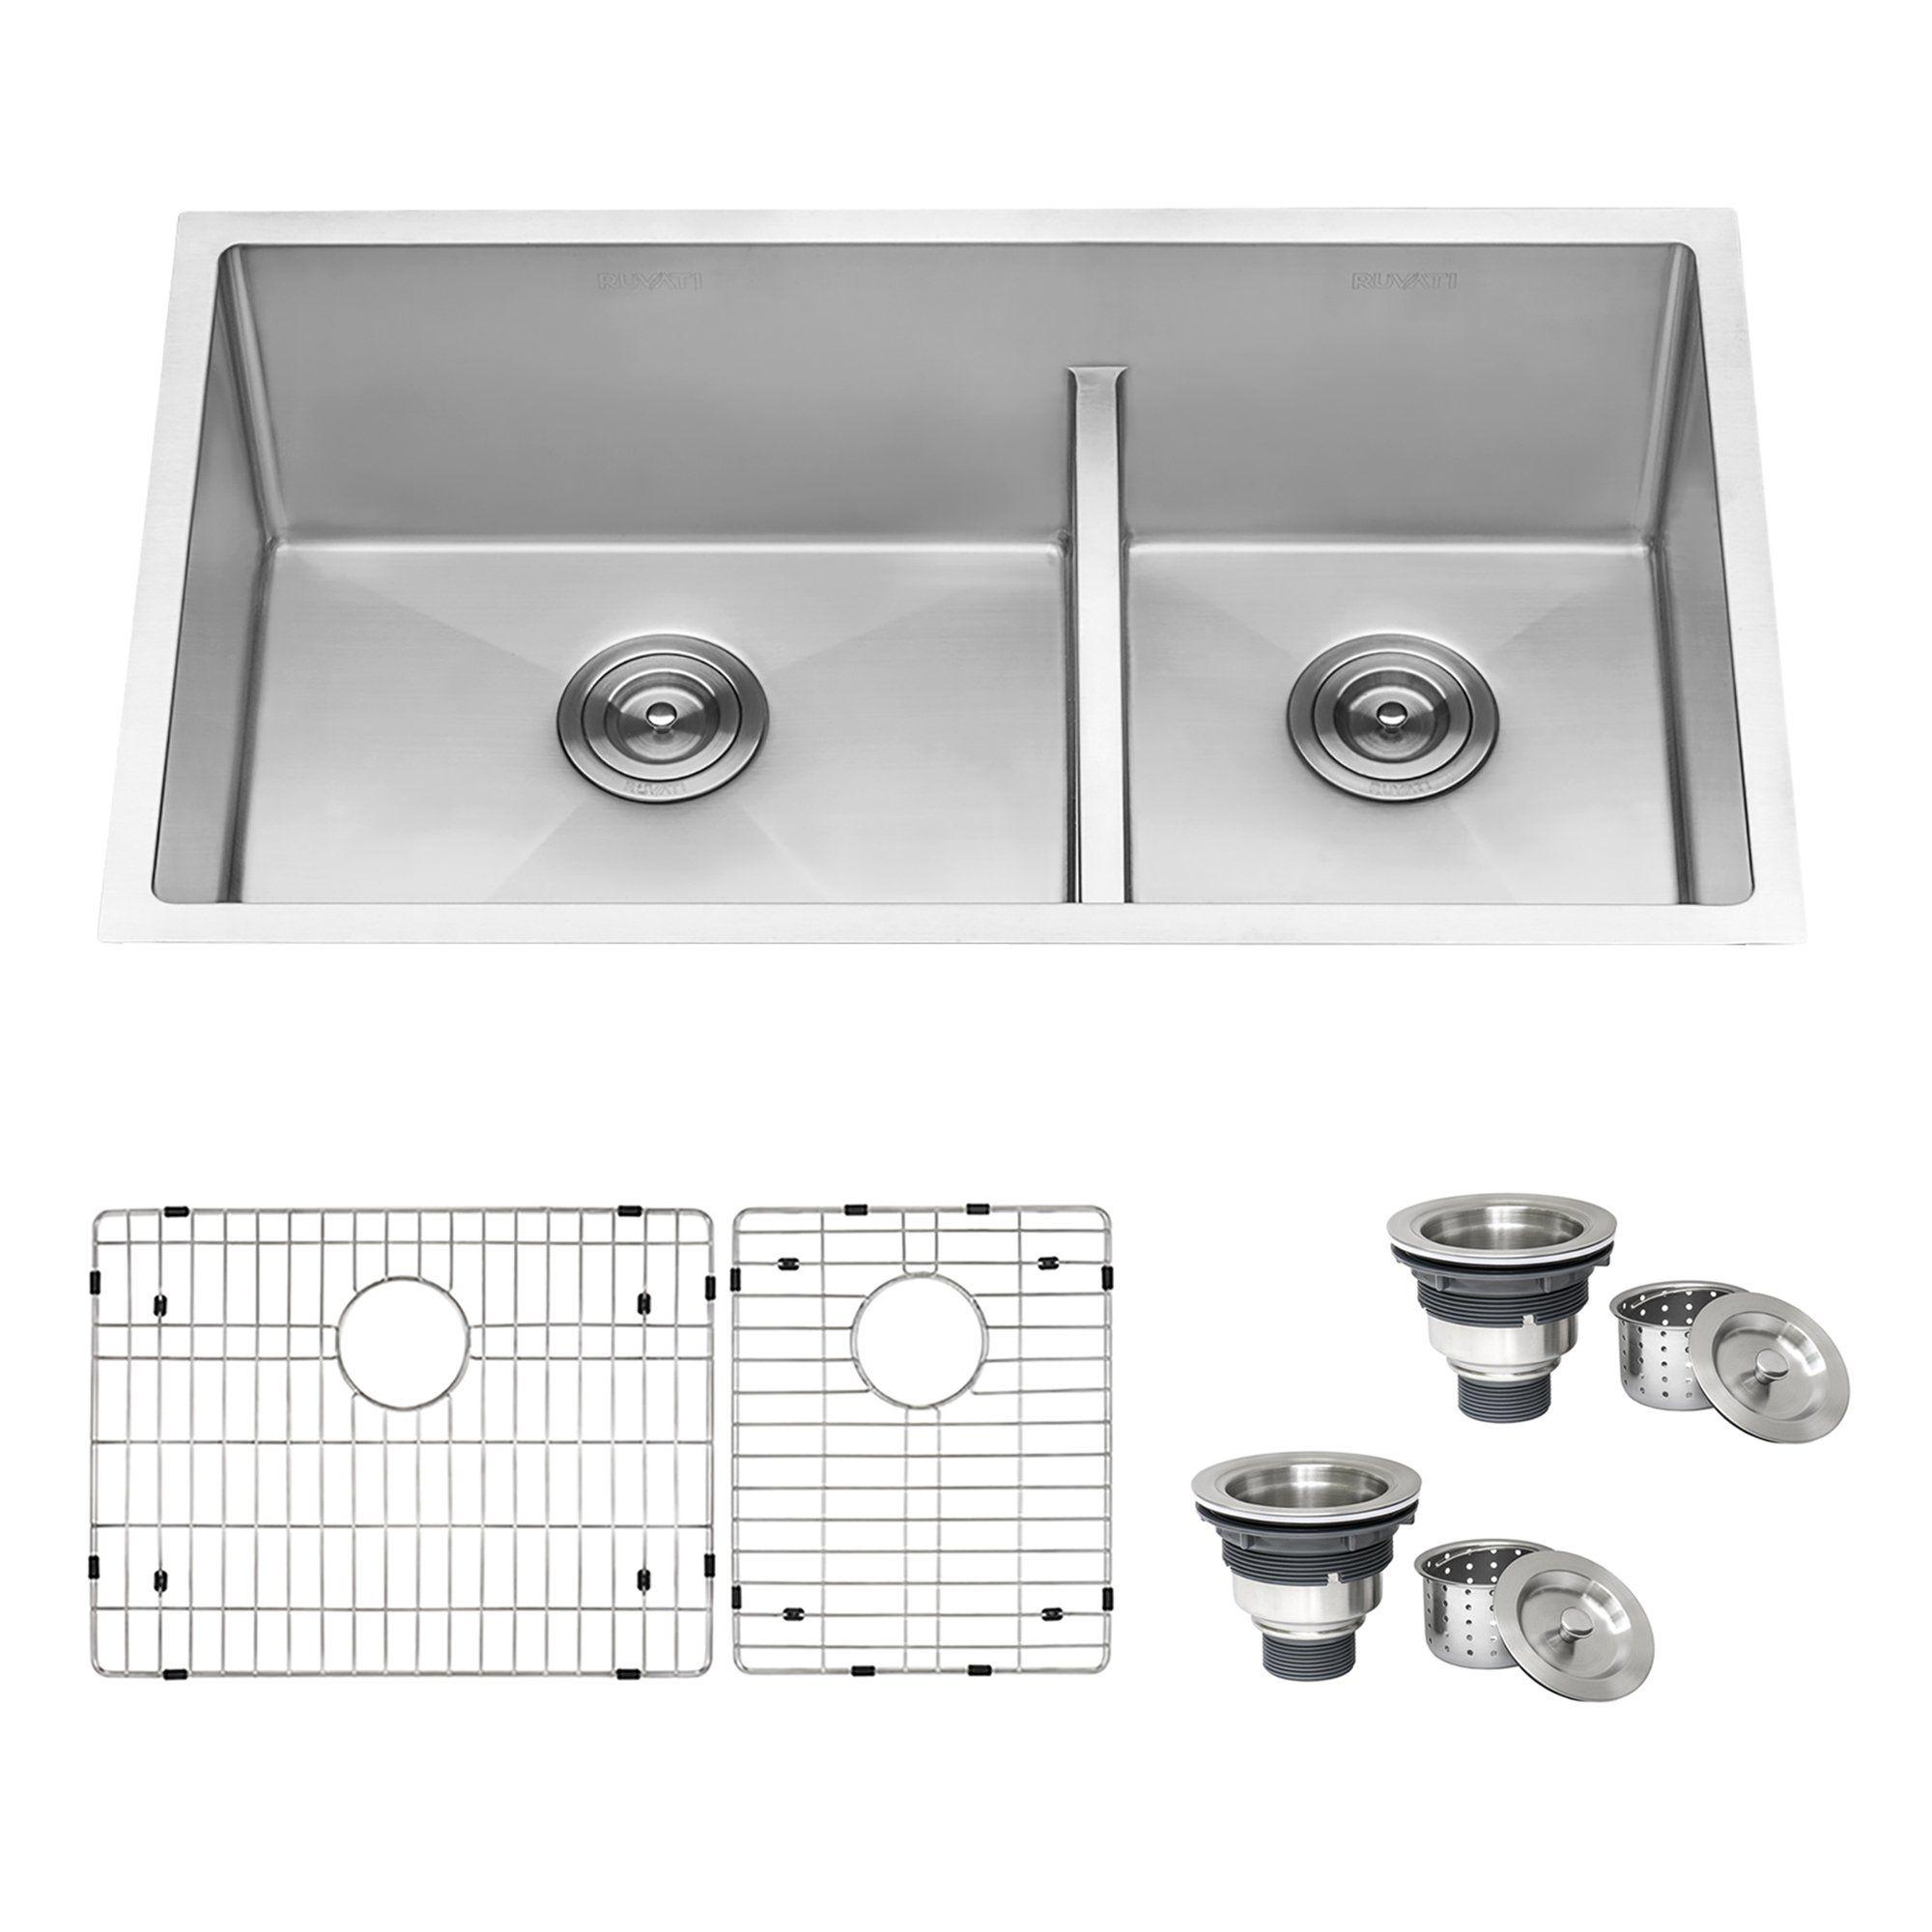 Blanco 441608 Diamond 1 75 Low Divide Undermount Kitchen Sink Reverse In Truffle Undermount Kitchen Sinks Kitchen Sink Sink